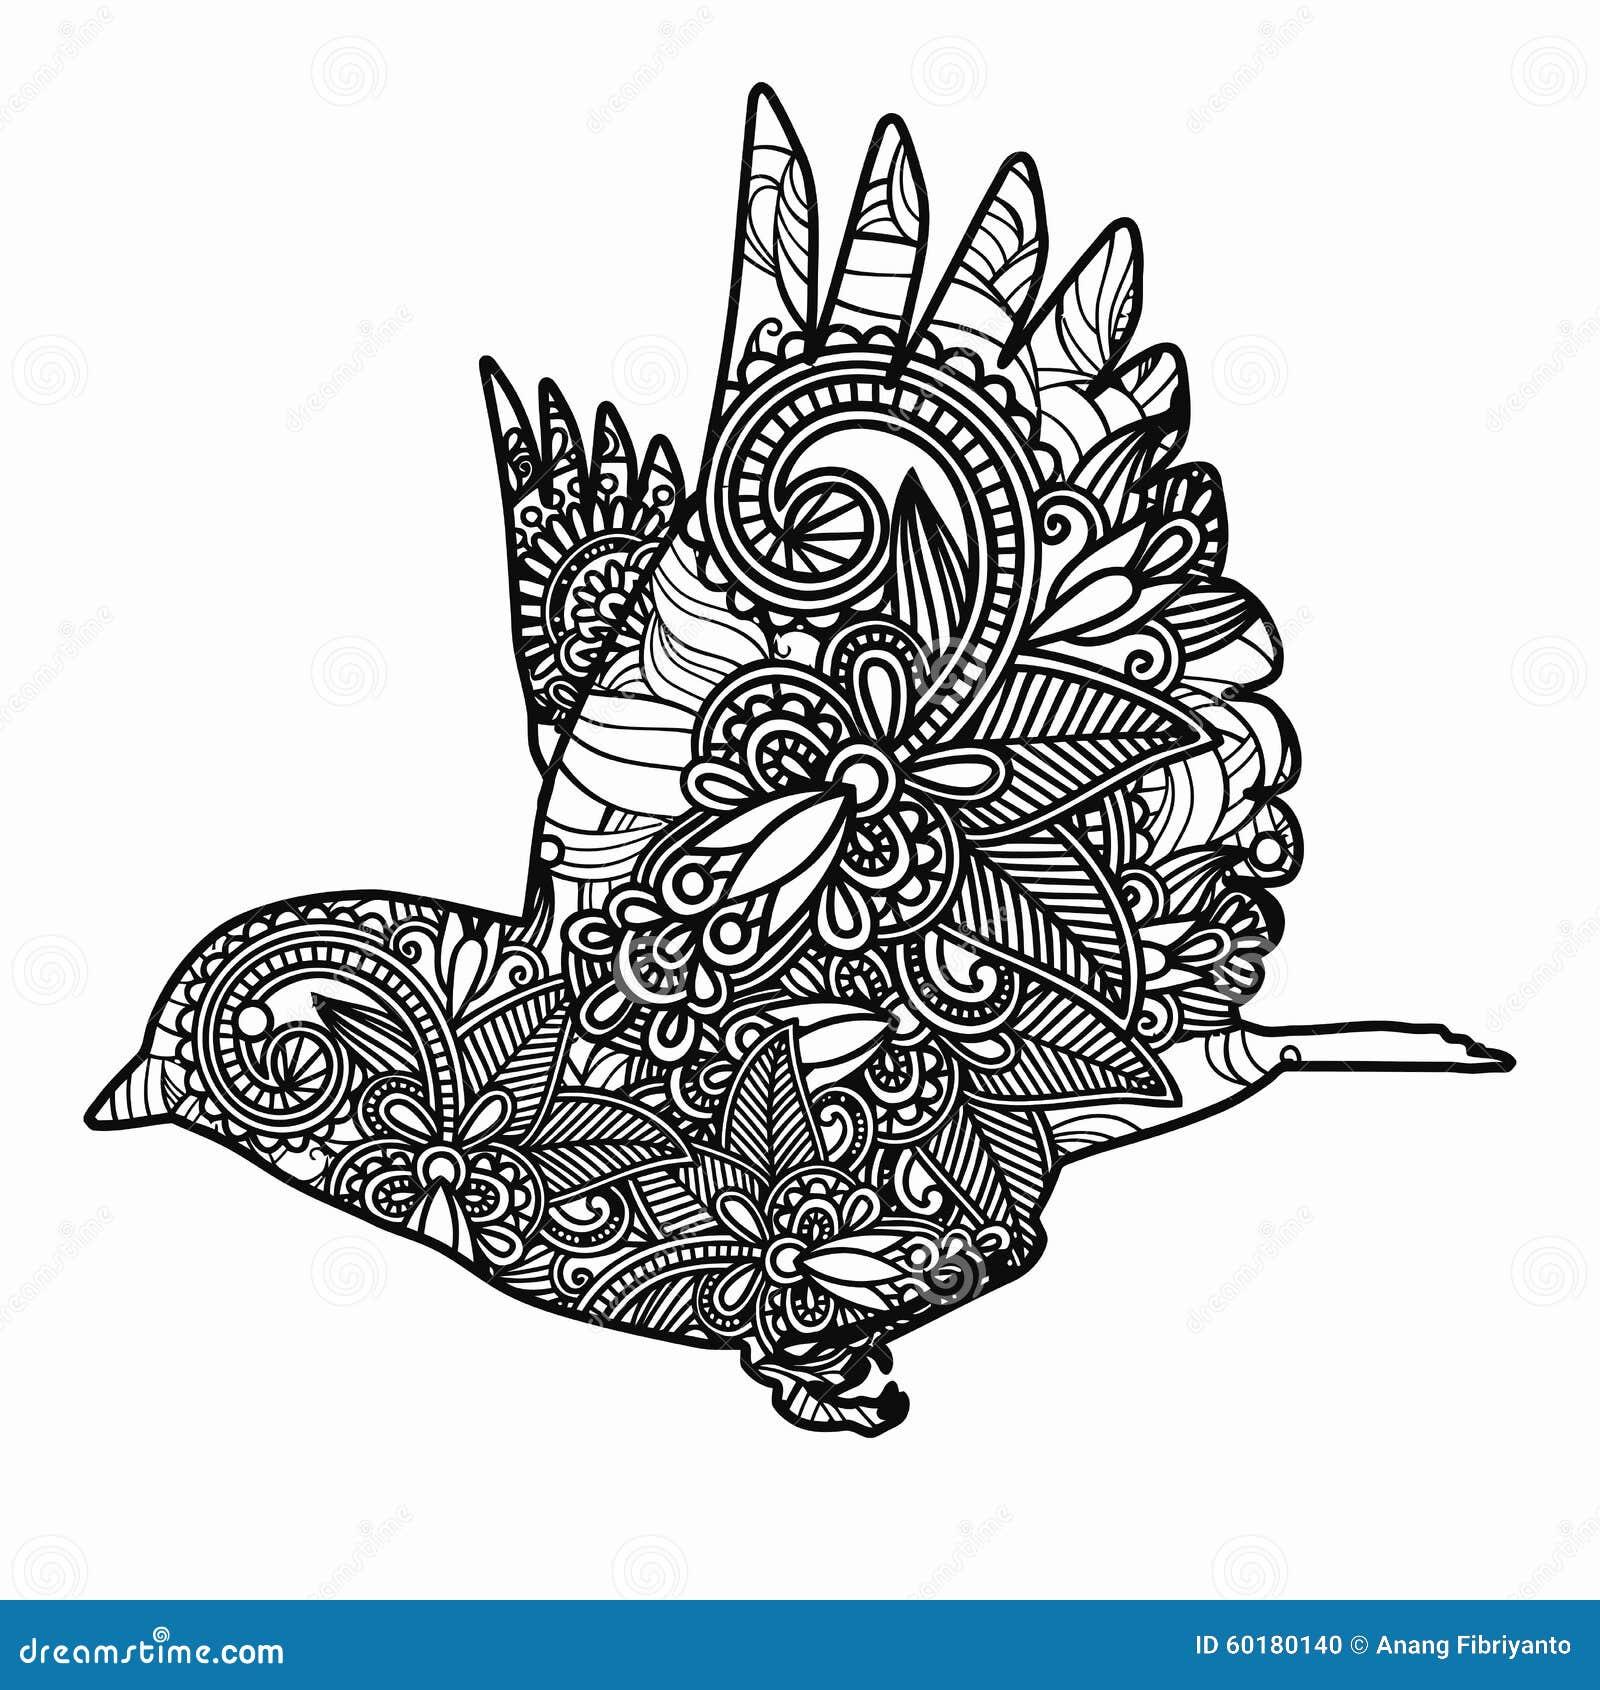 Zentangle Stylized Bird Illustration Hand Drawn Doodle Illustration Isolated On White